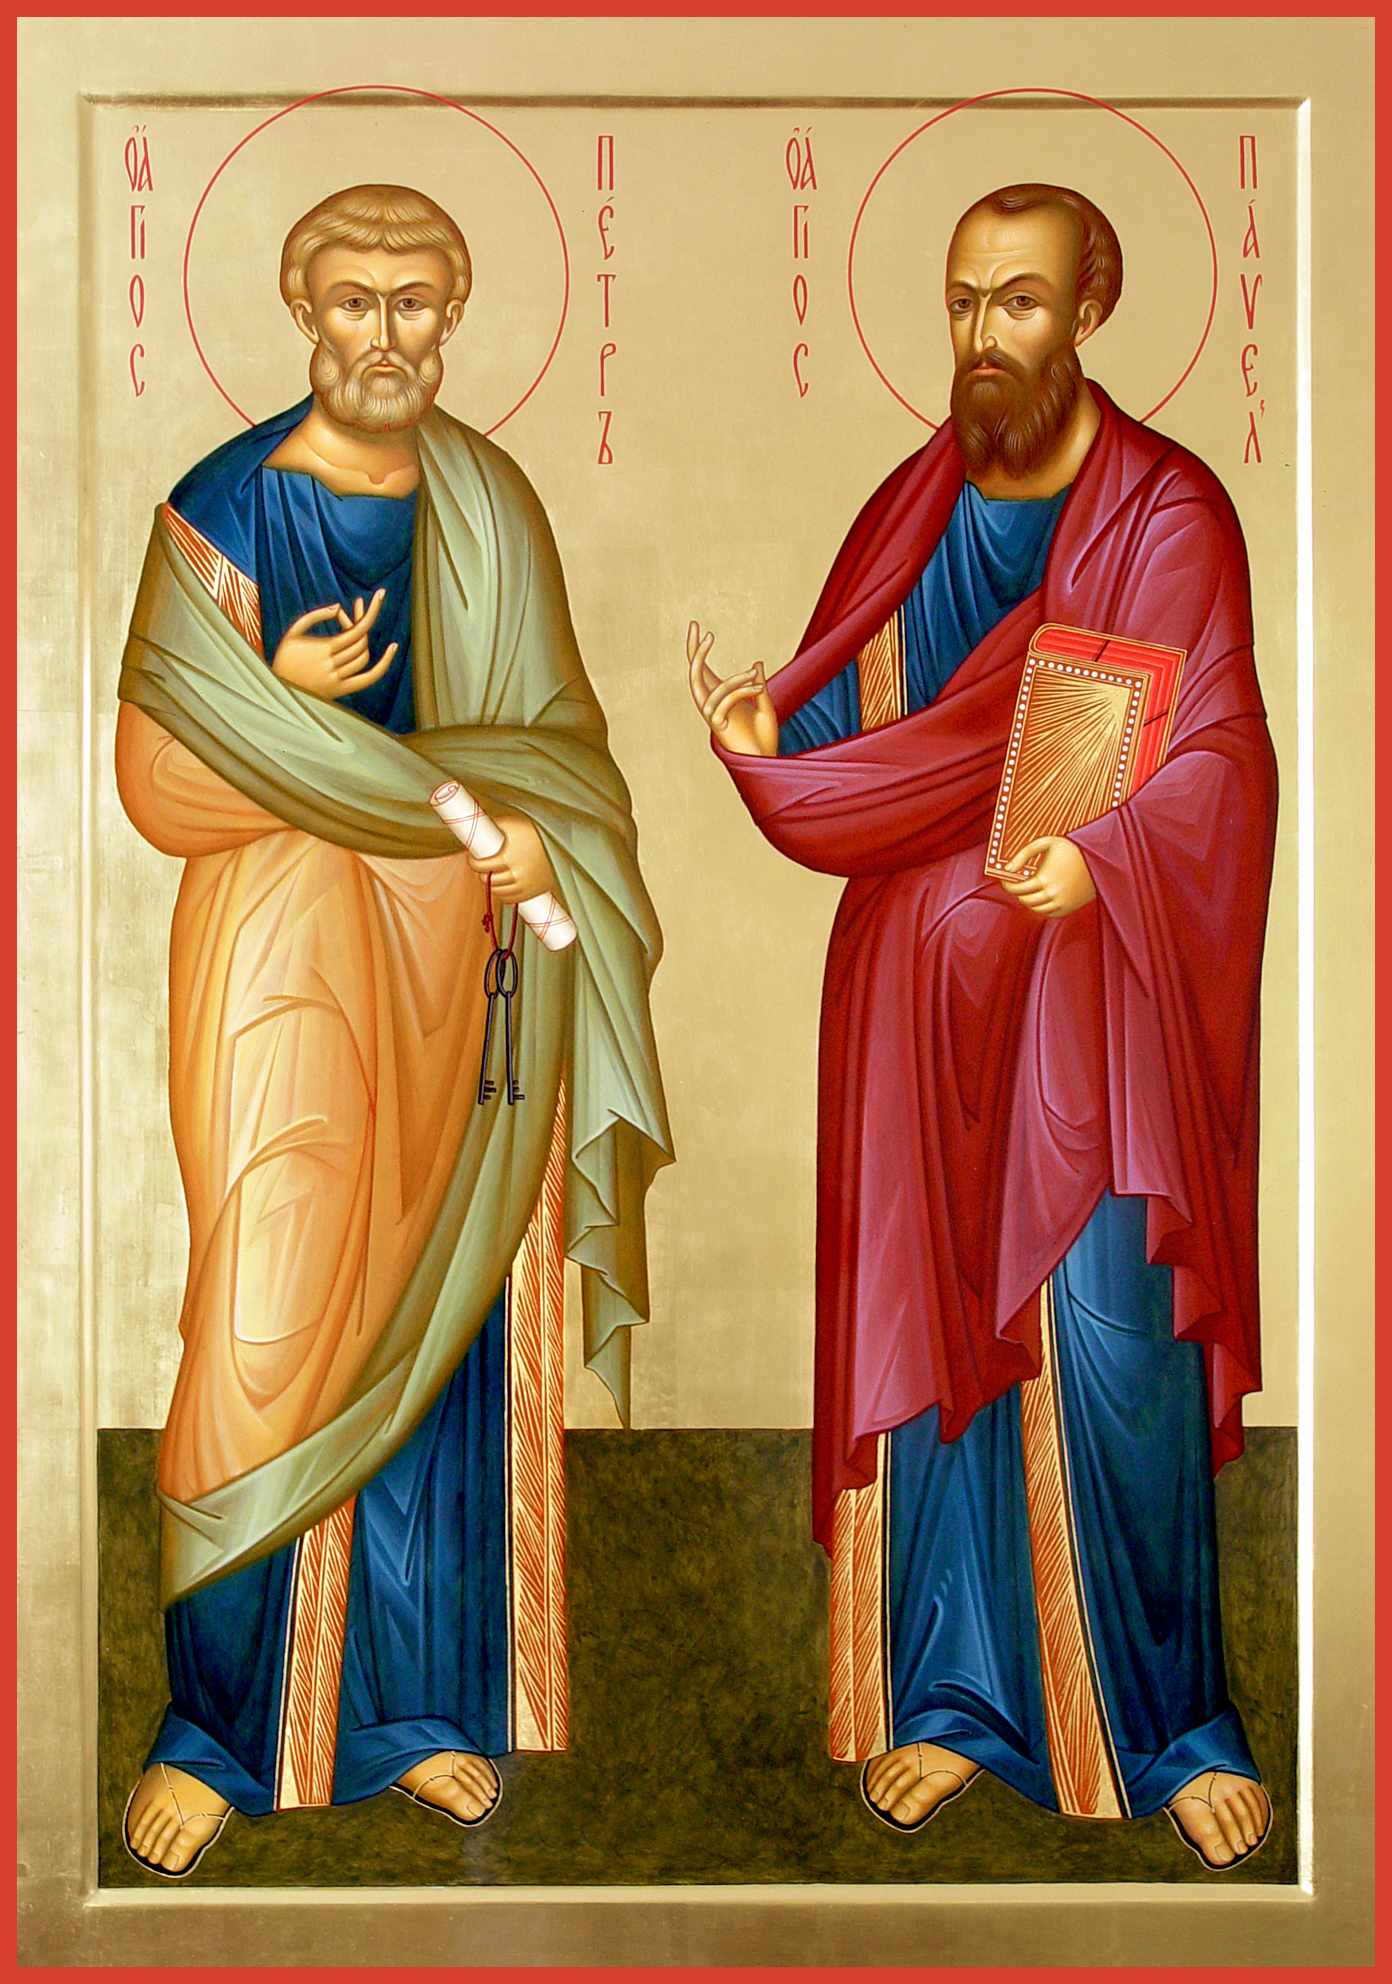 В День Петра и Павла лучше не выходить резко из поста